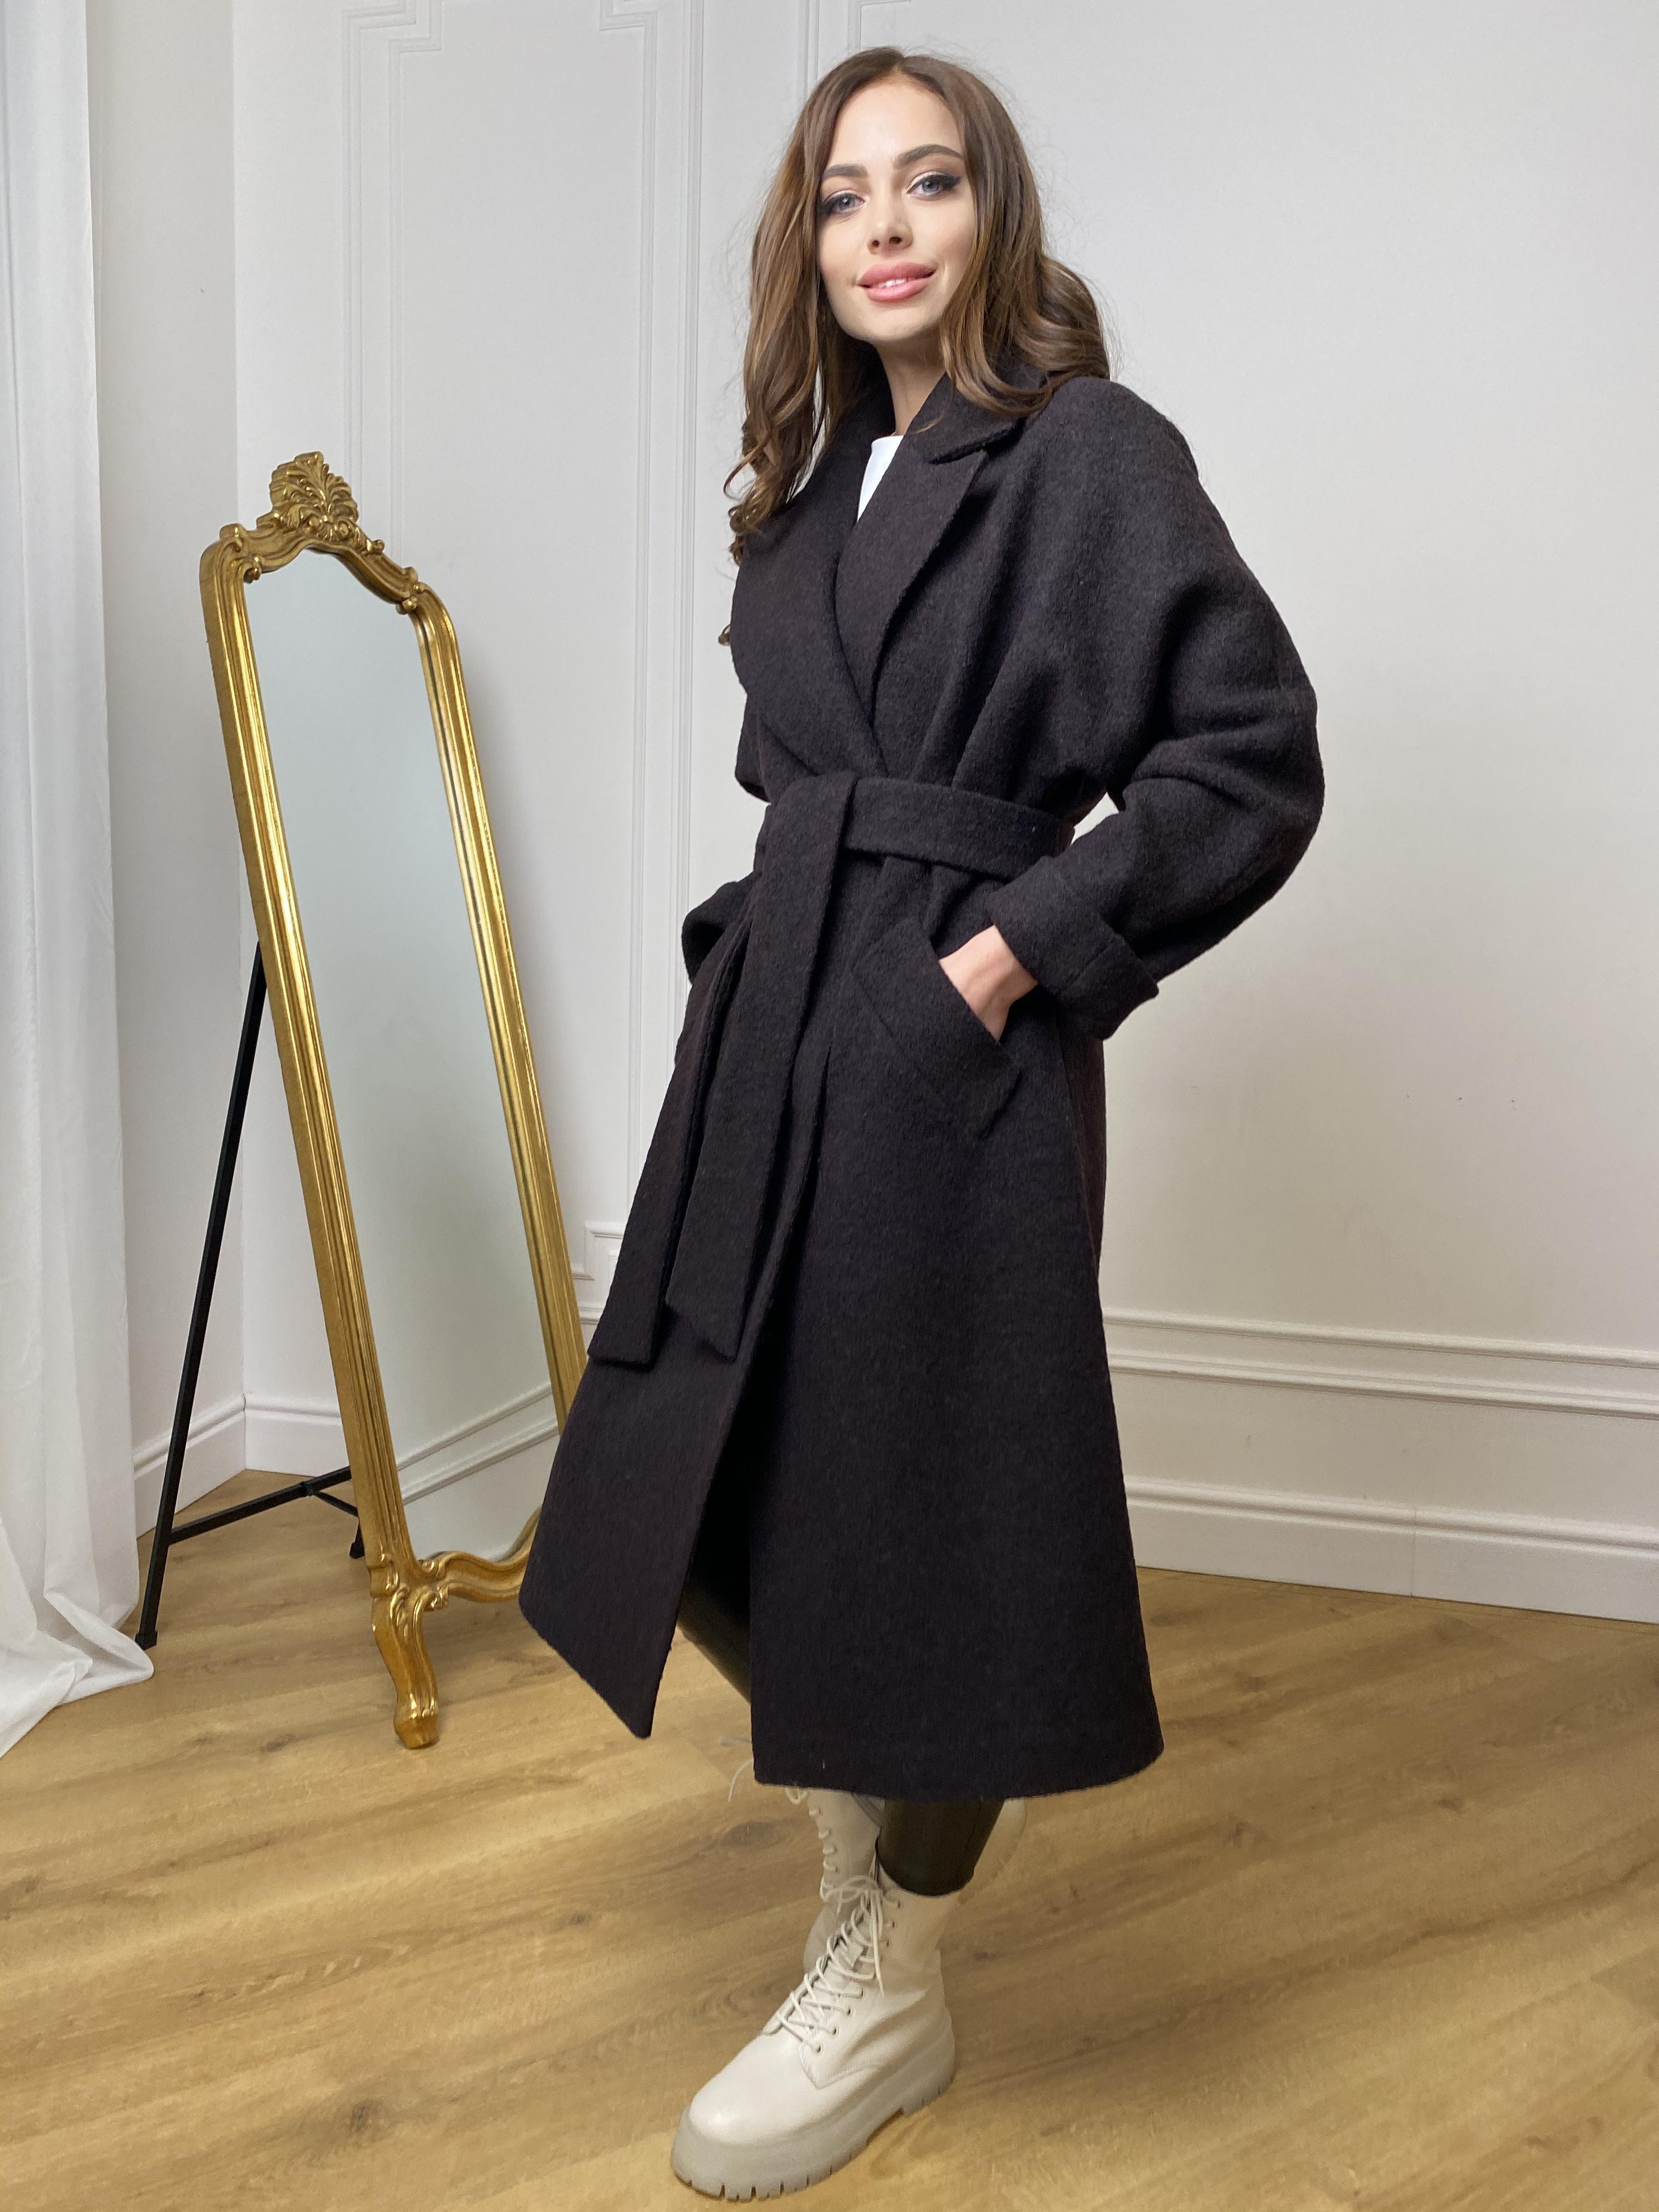 Влада баритон  пальто  из пальтовой ткани 10313 АРТ. 46630 Цвет: Шоколад - фото 6, интернет магазин tm-modus.ru